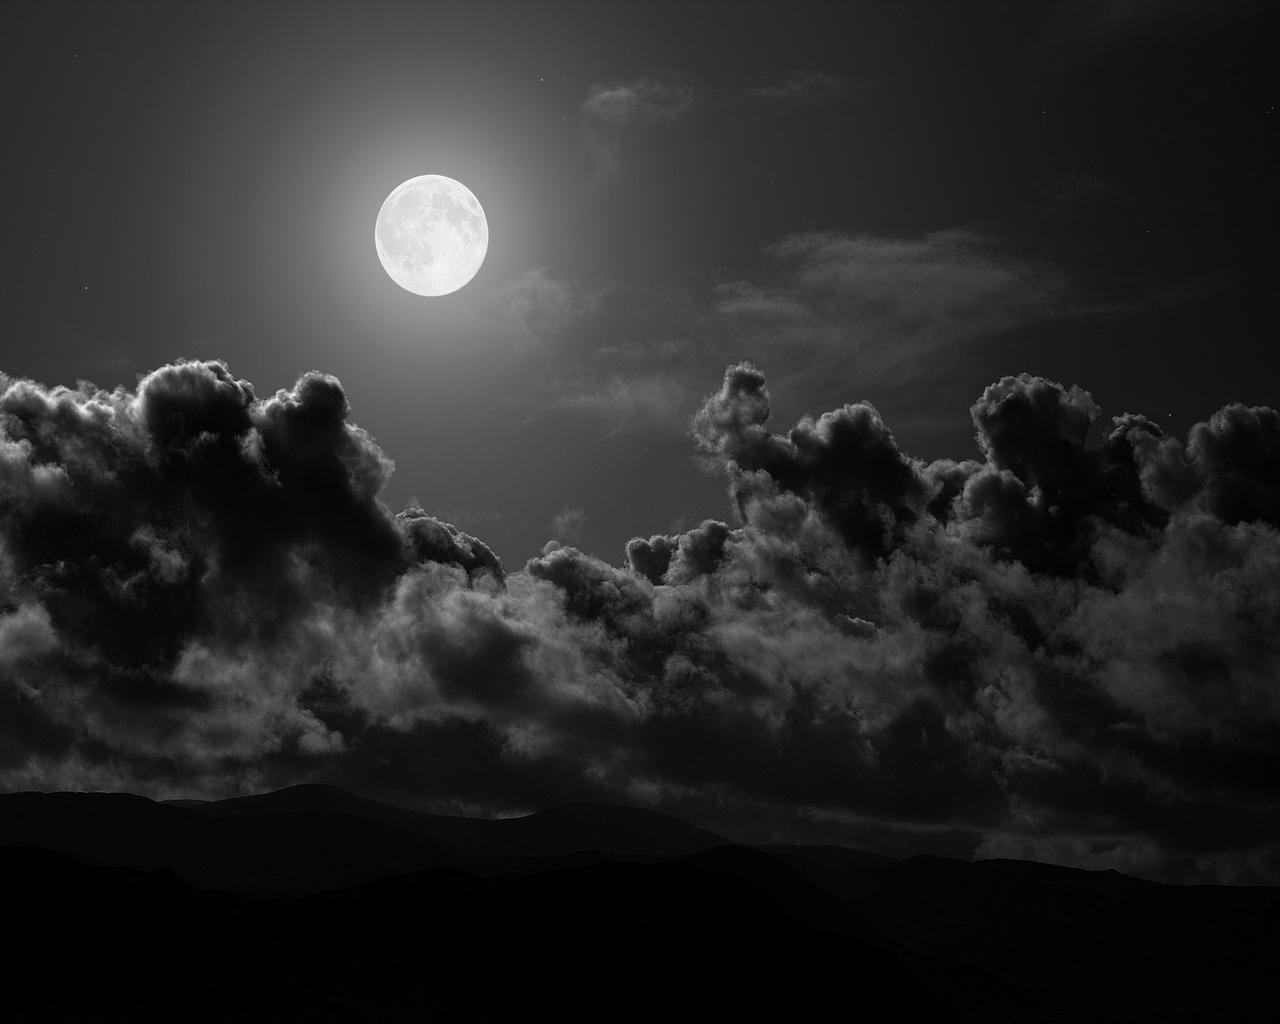 http://4.bp.blogspot.com/-9zP50g4-G6c/T5hE46tx_mI/AAAAAAAABmc/NyTcOvaw8Bo/s1600/nuit.jpg